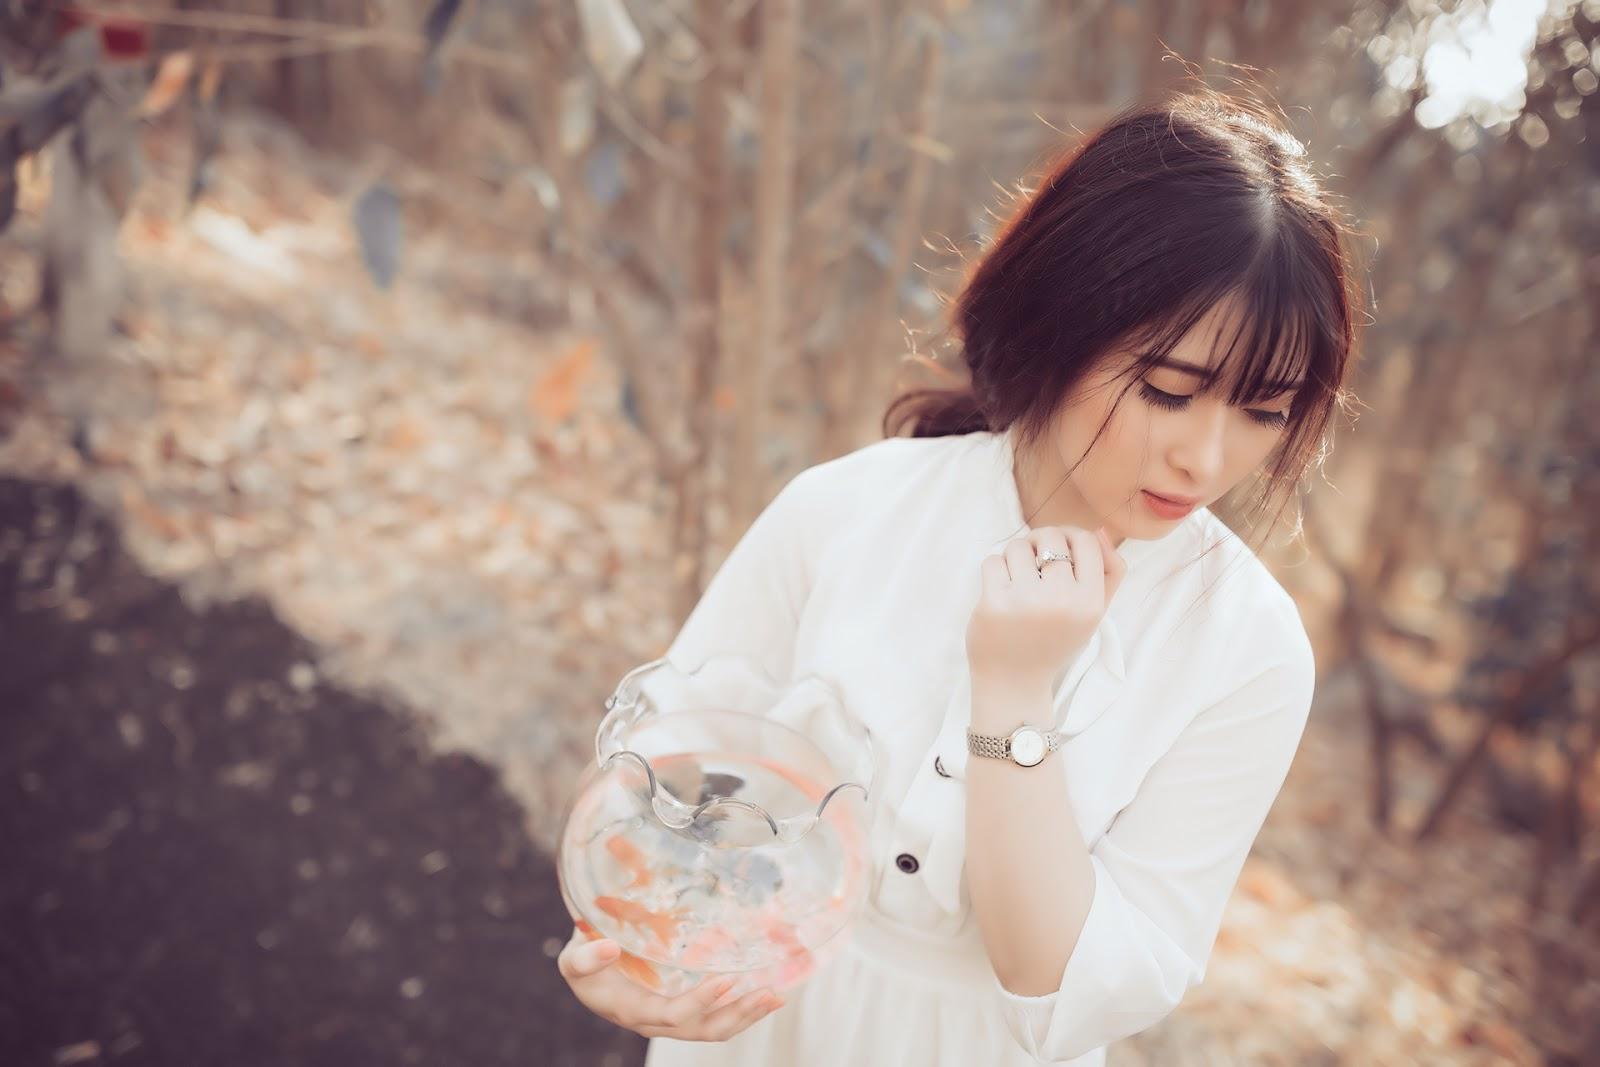 Dù đau khổ vì cuộc tình tan vỡ, phụ nữ cũng đừng làm những điều tổn hại đến mình - Ảnh 4